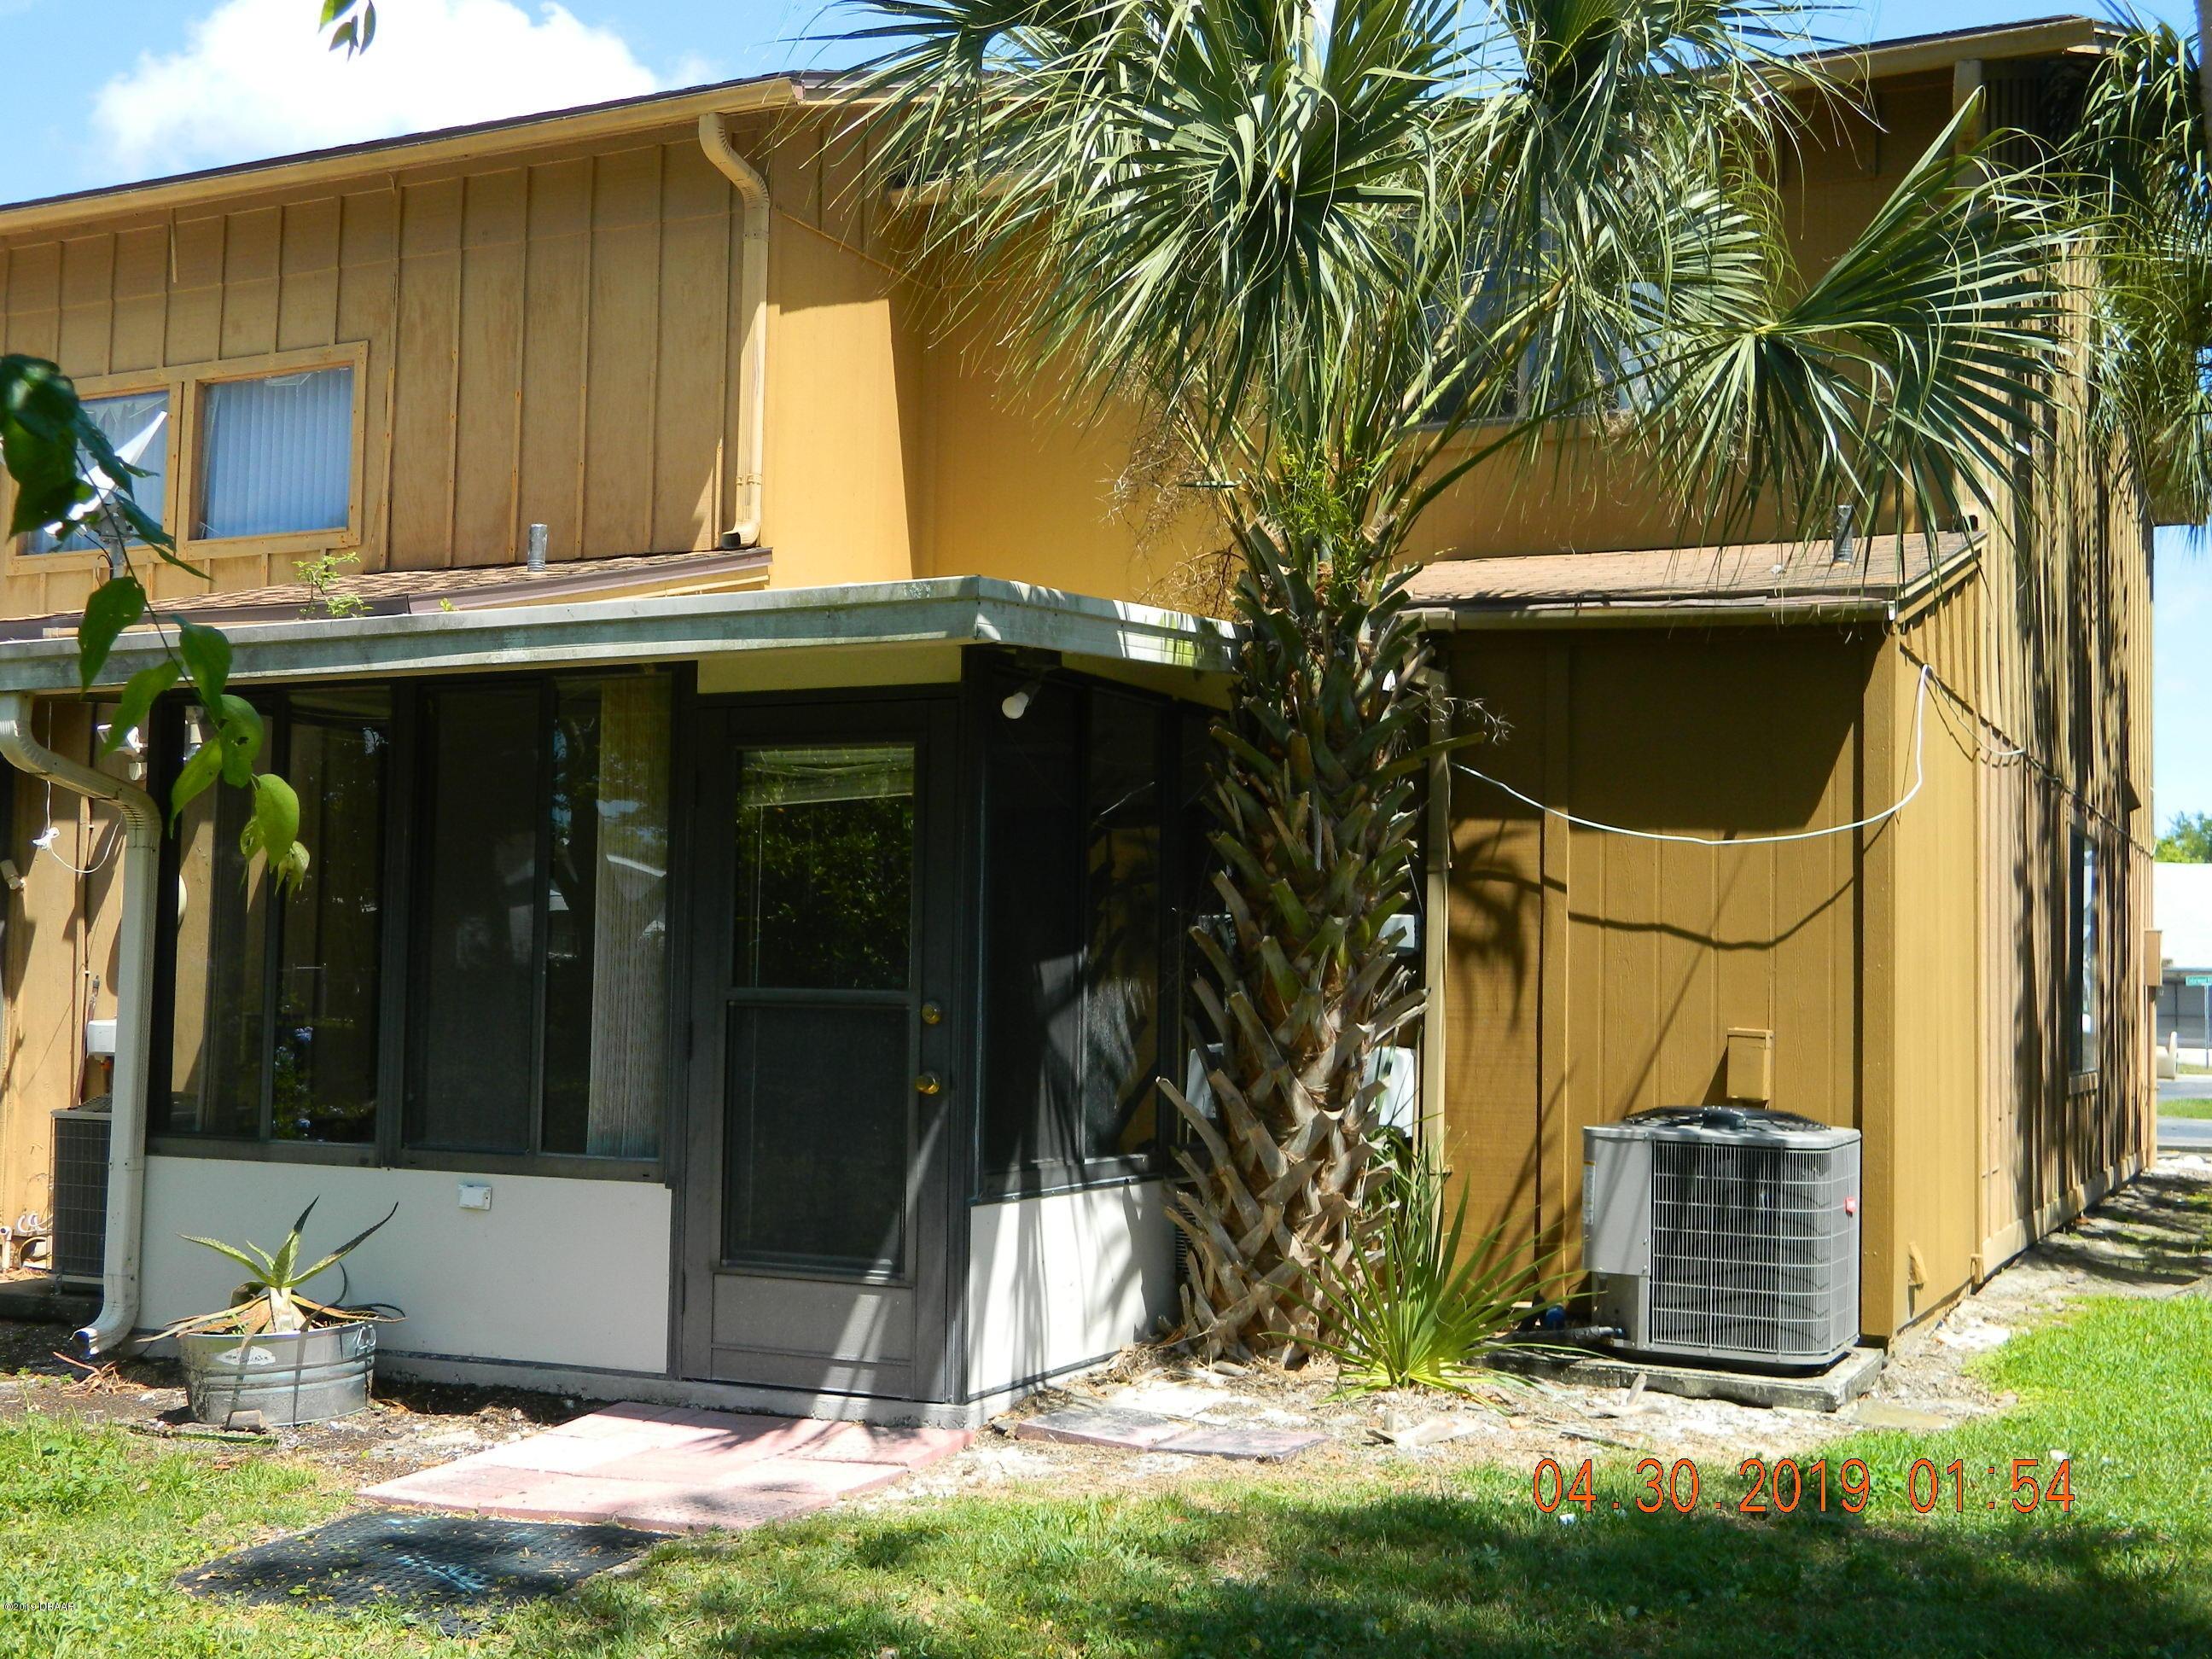 176 Sandalwood Daytona Beach - 4